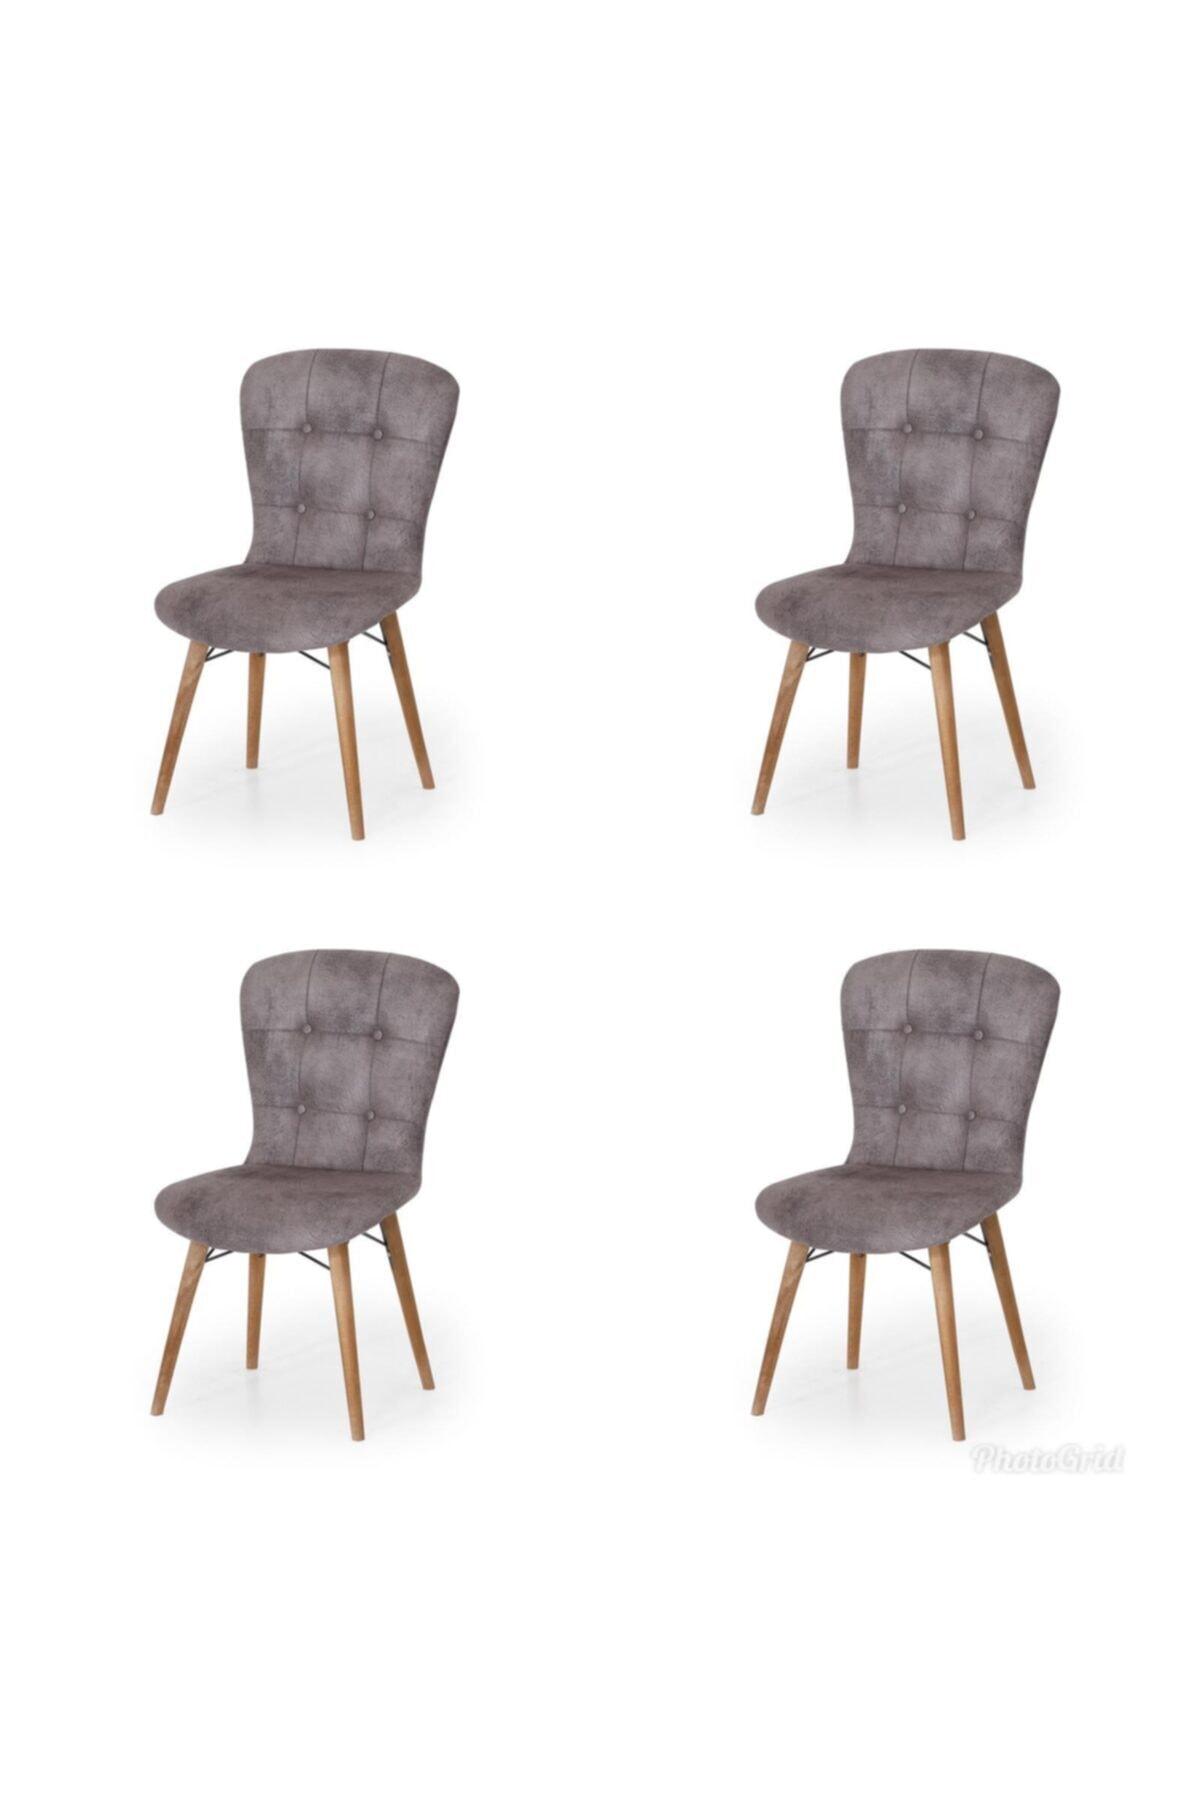 4 Adet Incebelli Sandalye